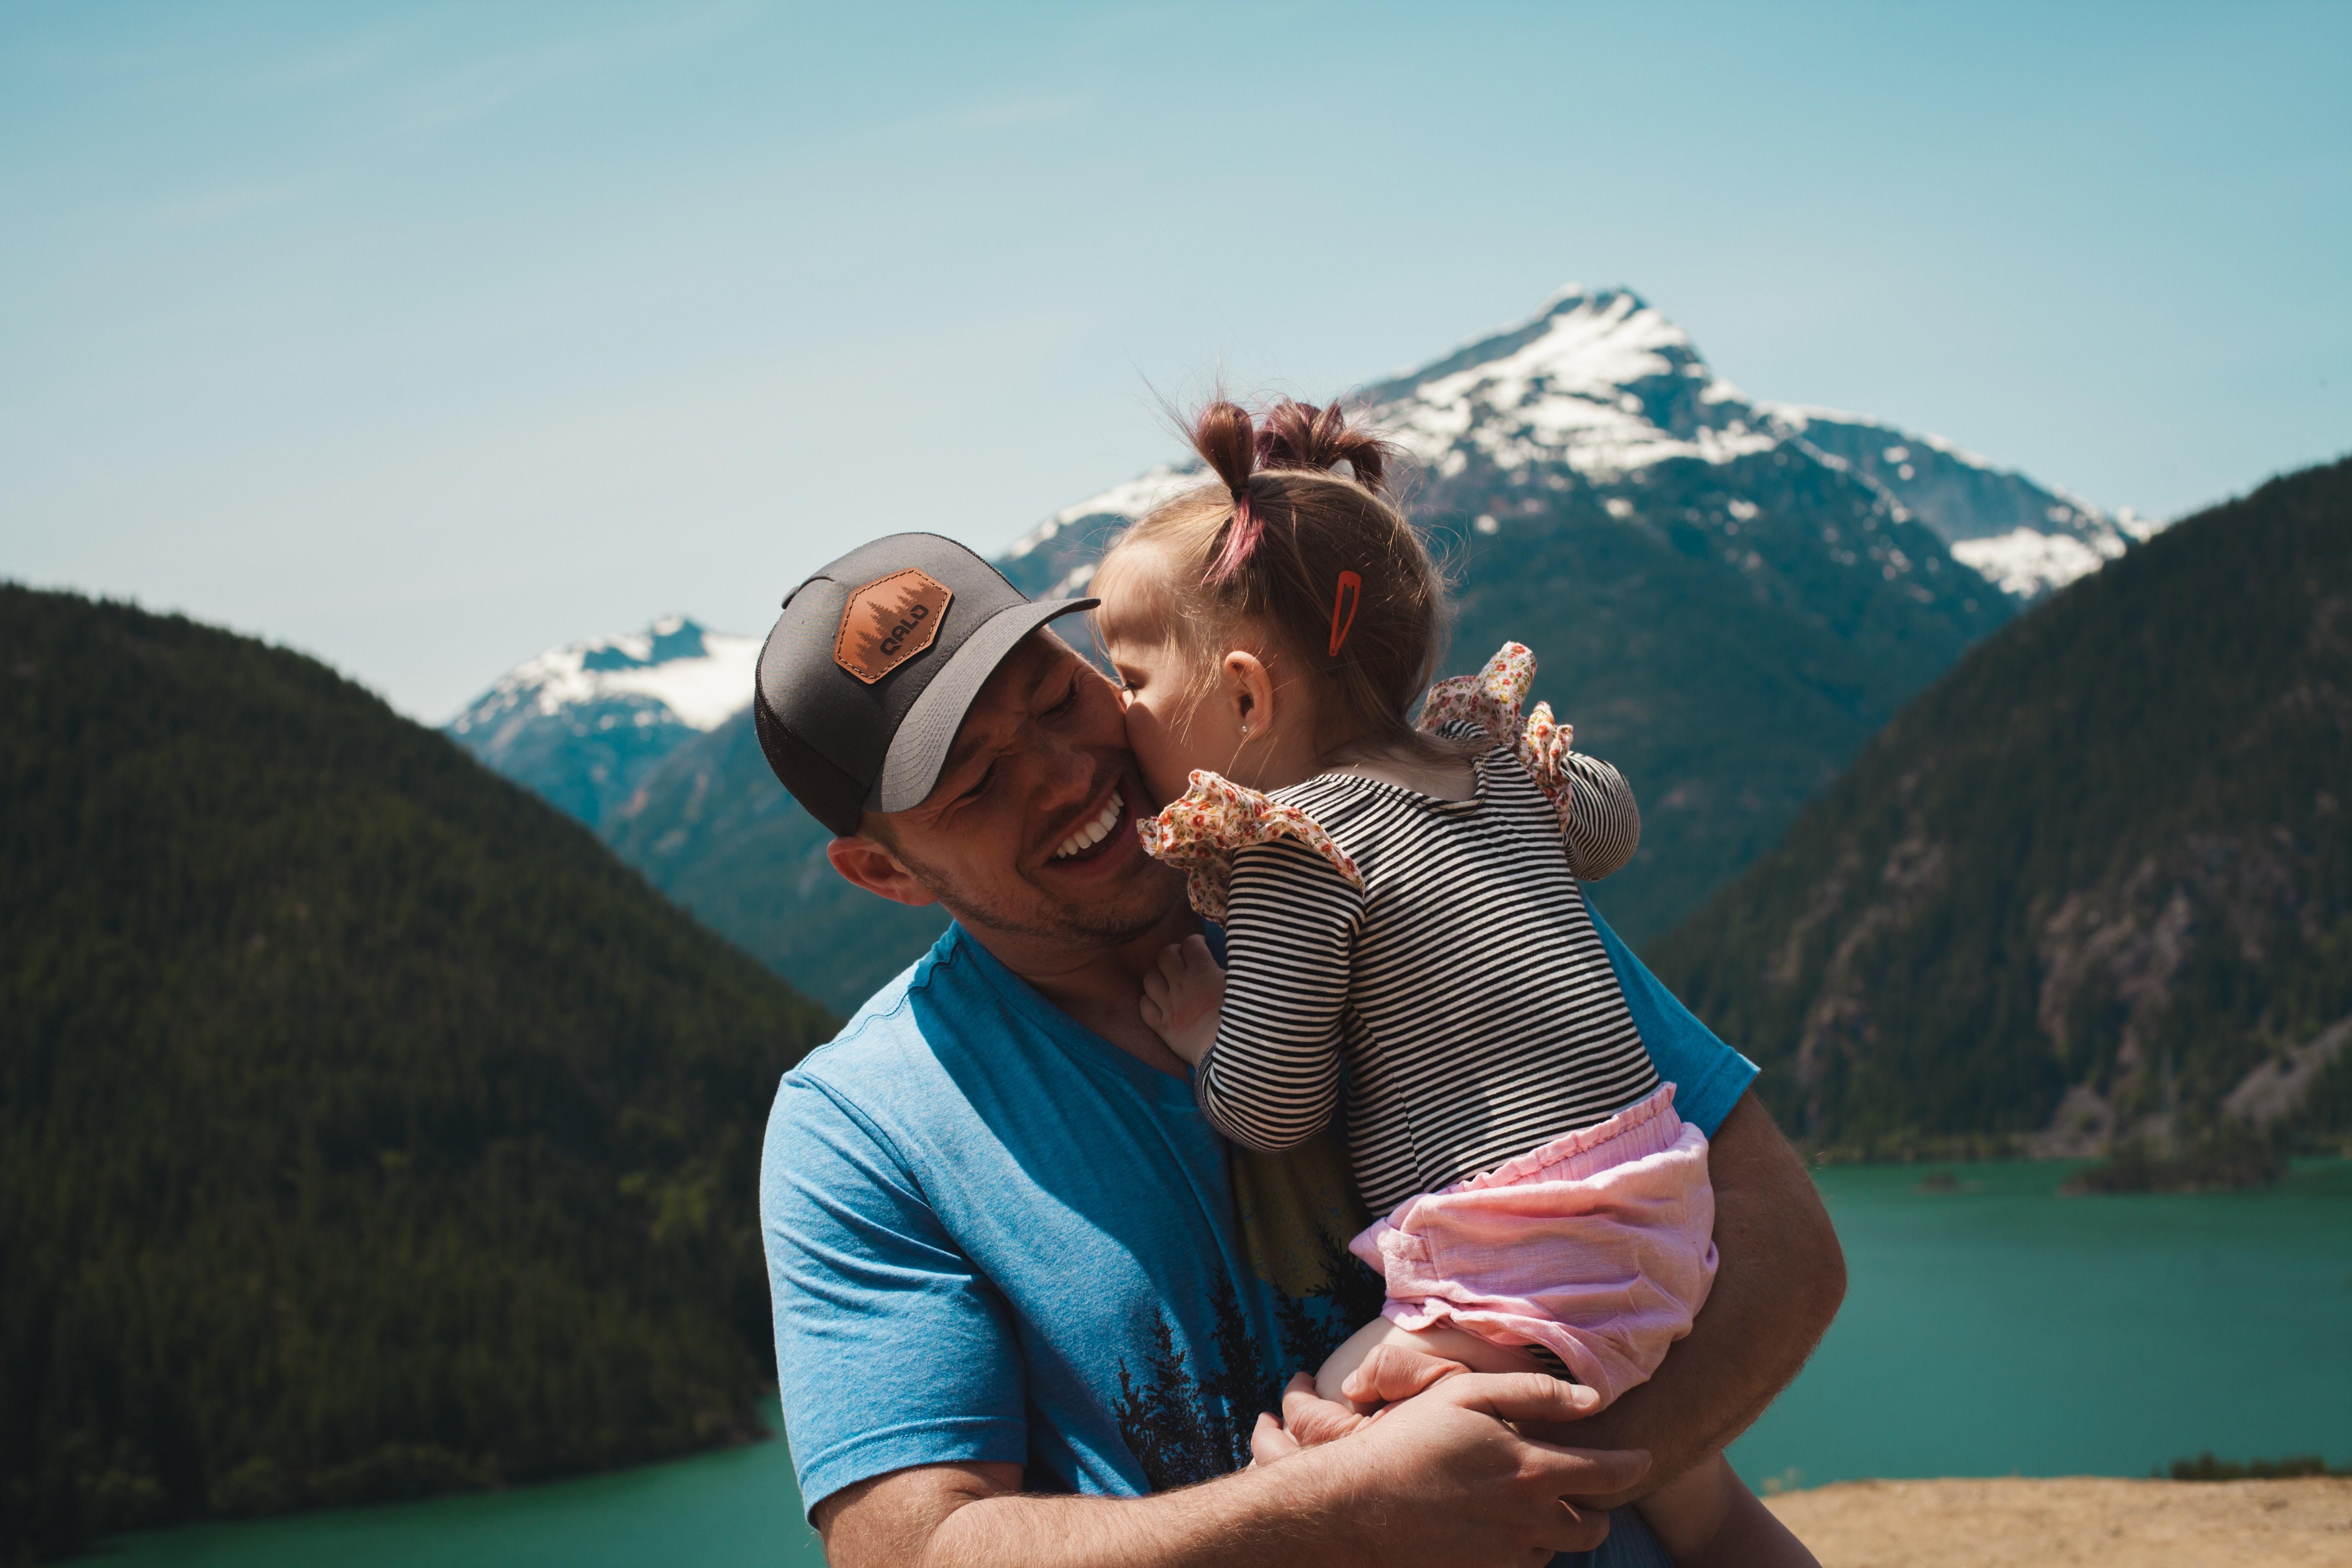 Viaje com seus filhos sem preocupação (Foto: Josh Willink/Pexels)